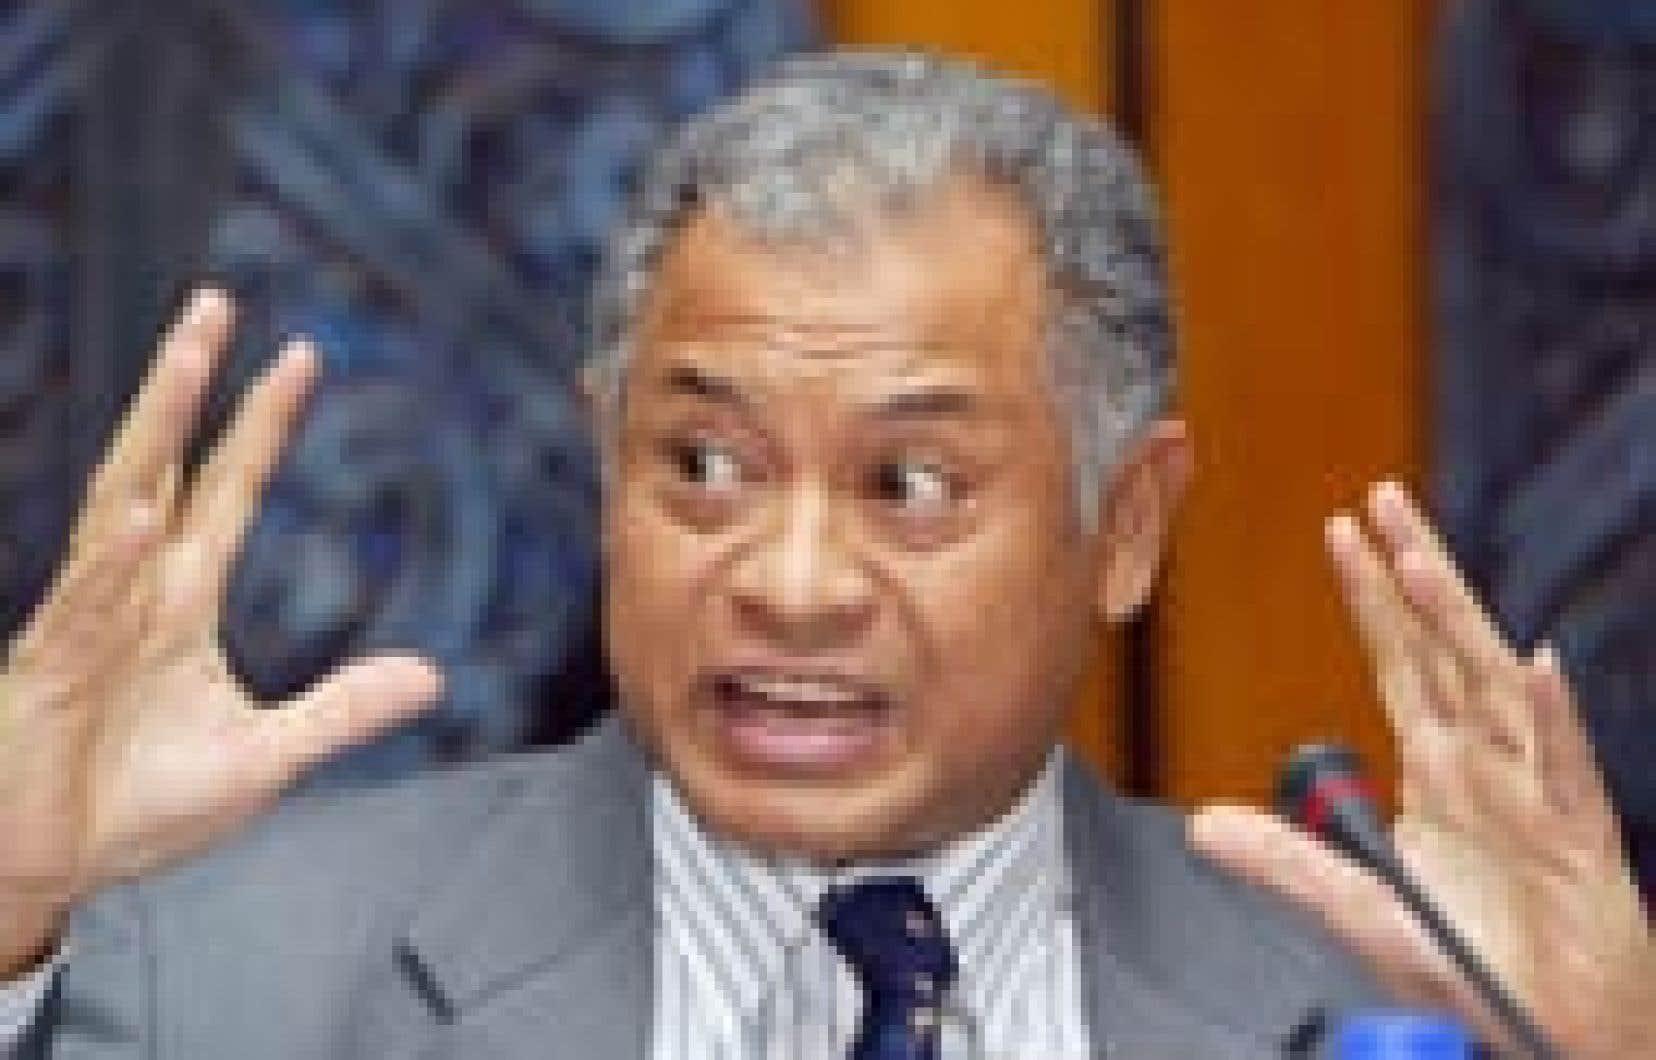 Le président de l'OPEP, Purnomo Yusgiantoro, a indiqué que le cartel devrait décréter une hausse de la production.